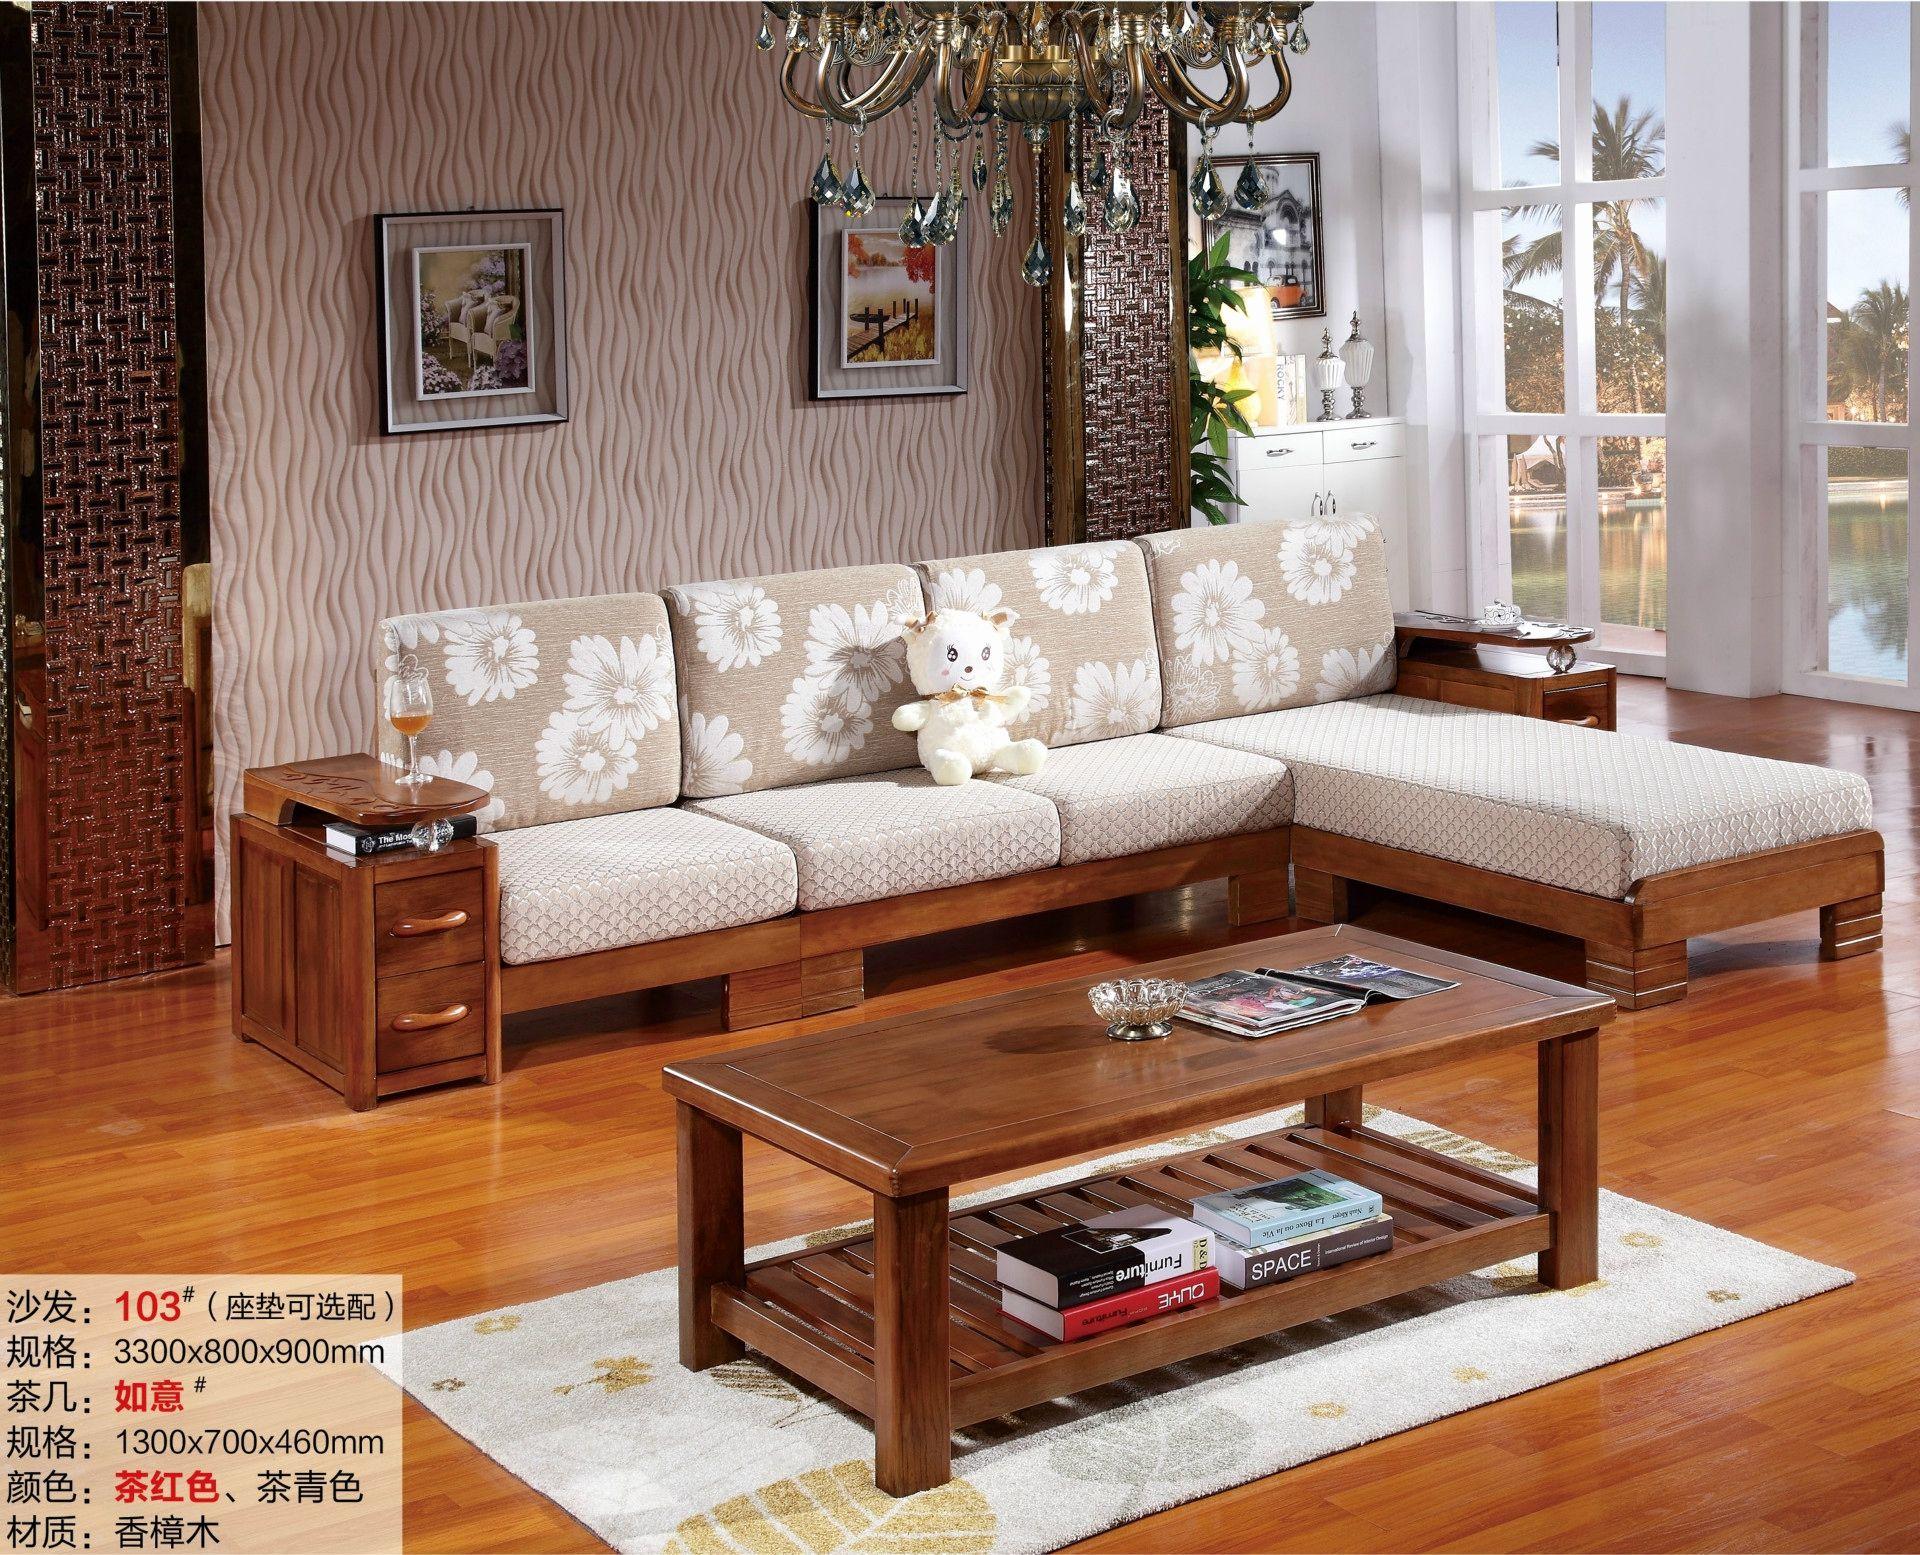 Wooden Sofa Living Room Pics Wooden Sofa Living Room Elegant 27